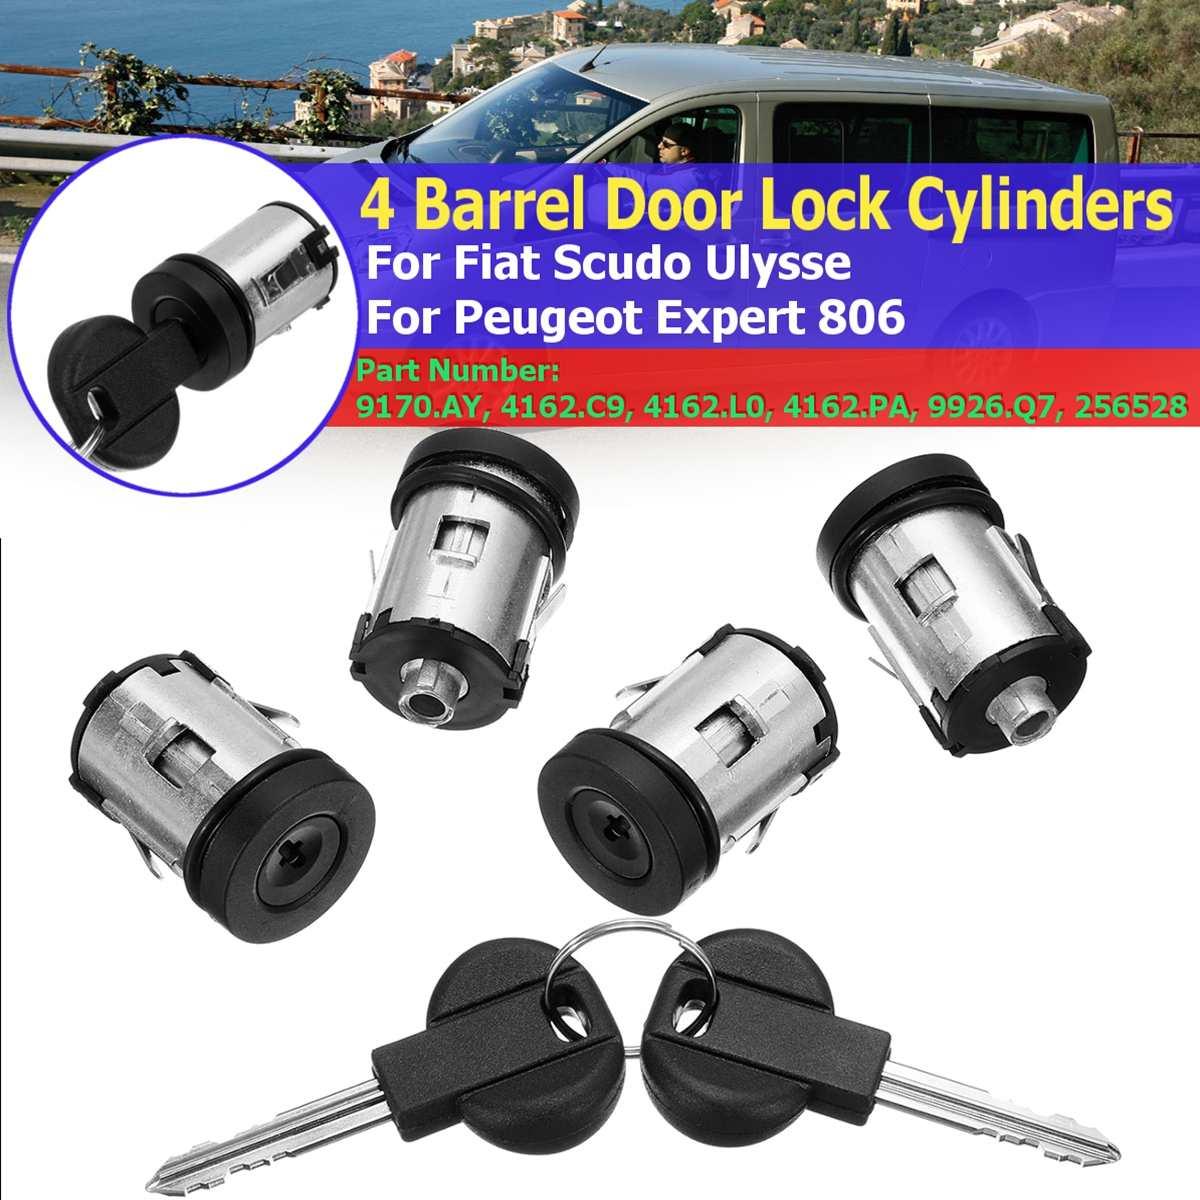 9170.AY 4162.C9 Car Barrel Door Locks Keys Set For Fiat Scudo For Citroen Dispatch Synergie Xantia Xm Expert For Peugeot 806